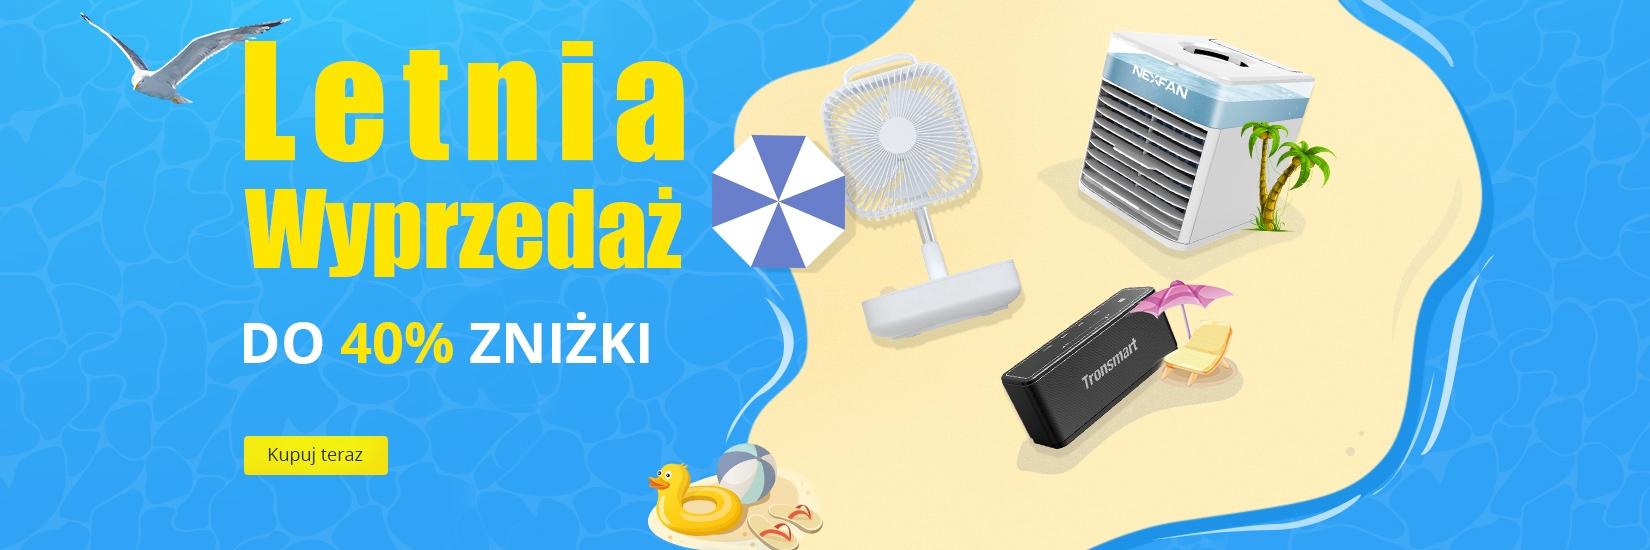 LETNIA WYPRZEDAŻ - Geekbuying.pl